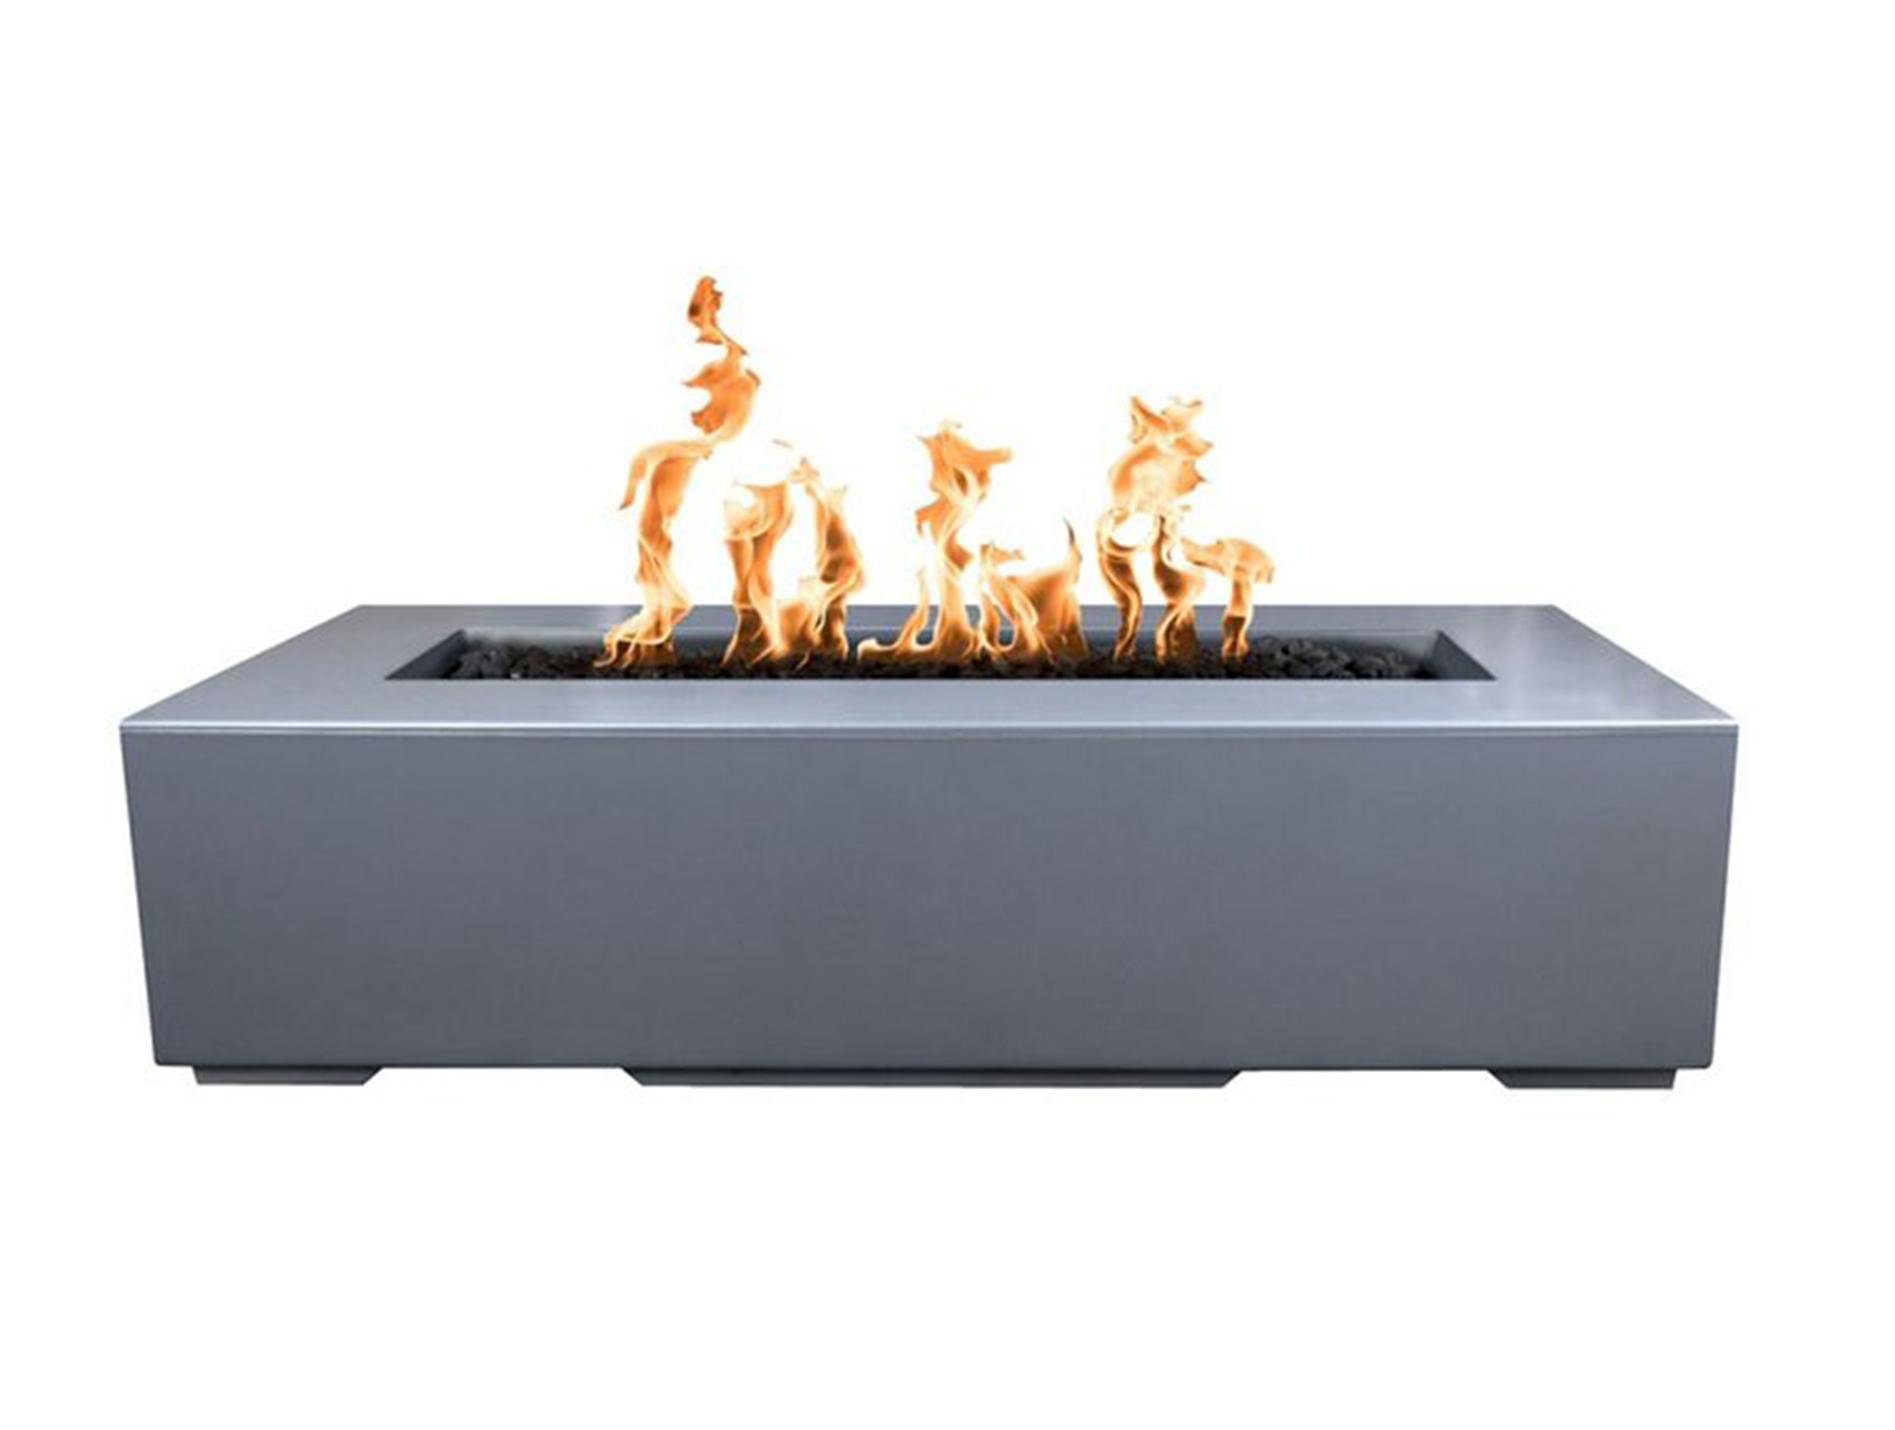 Regal+13+H+Concrete+Outdoor+Fire+Pit